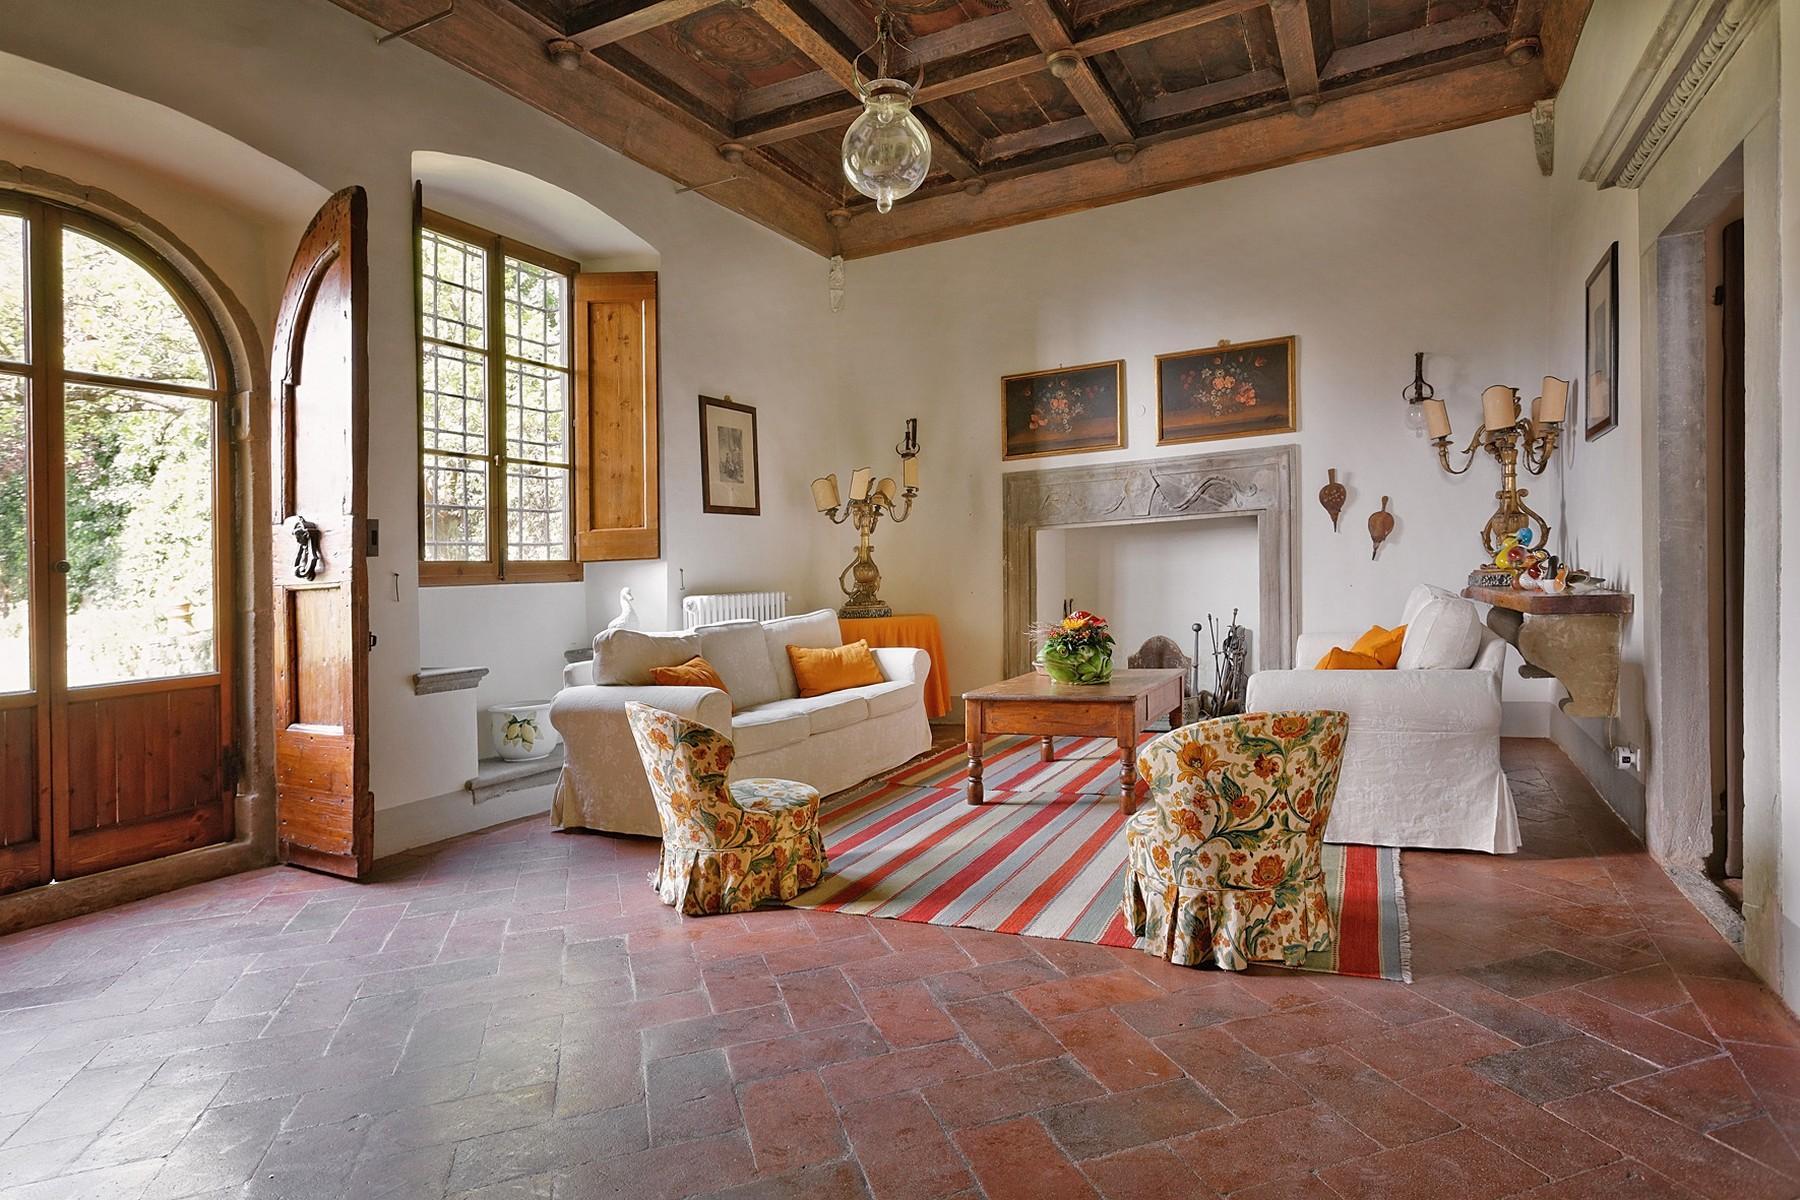 Merveilleuse villa avec piscine sur les collines de Florence - 7